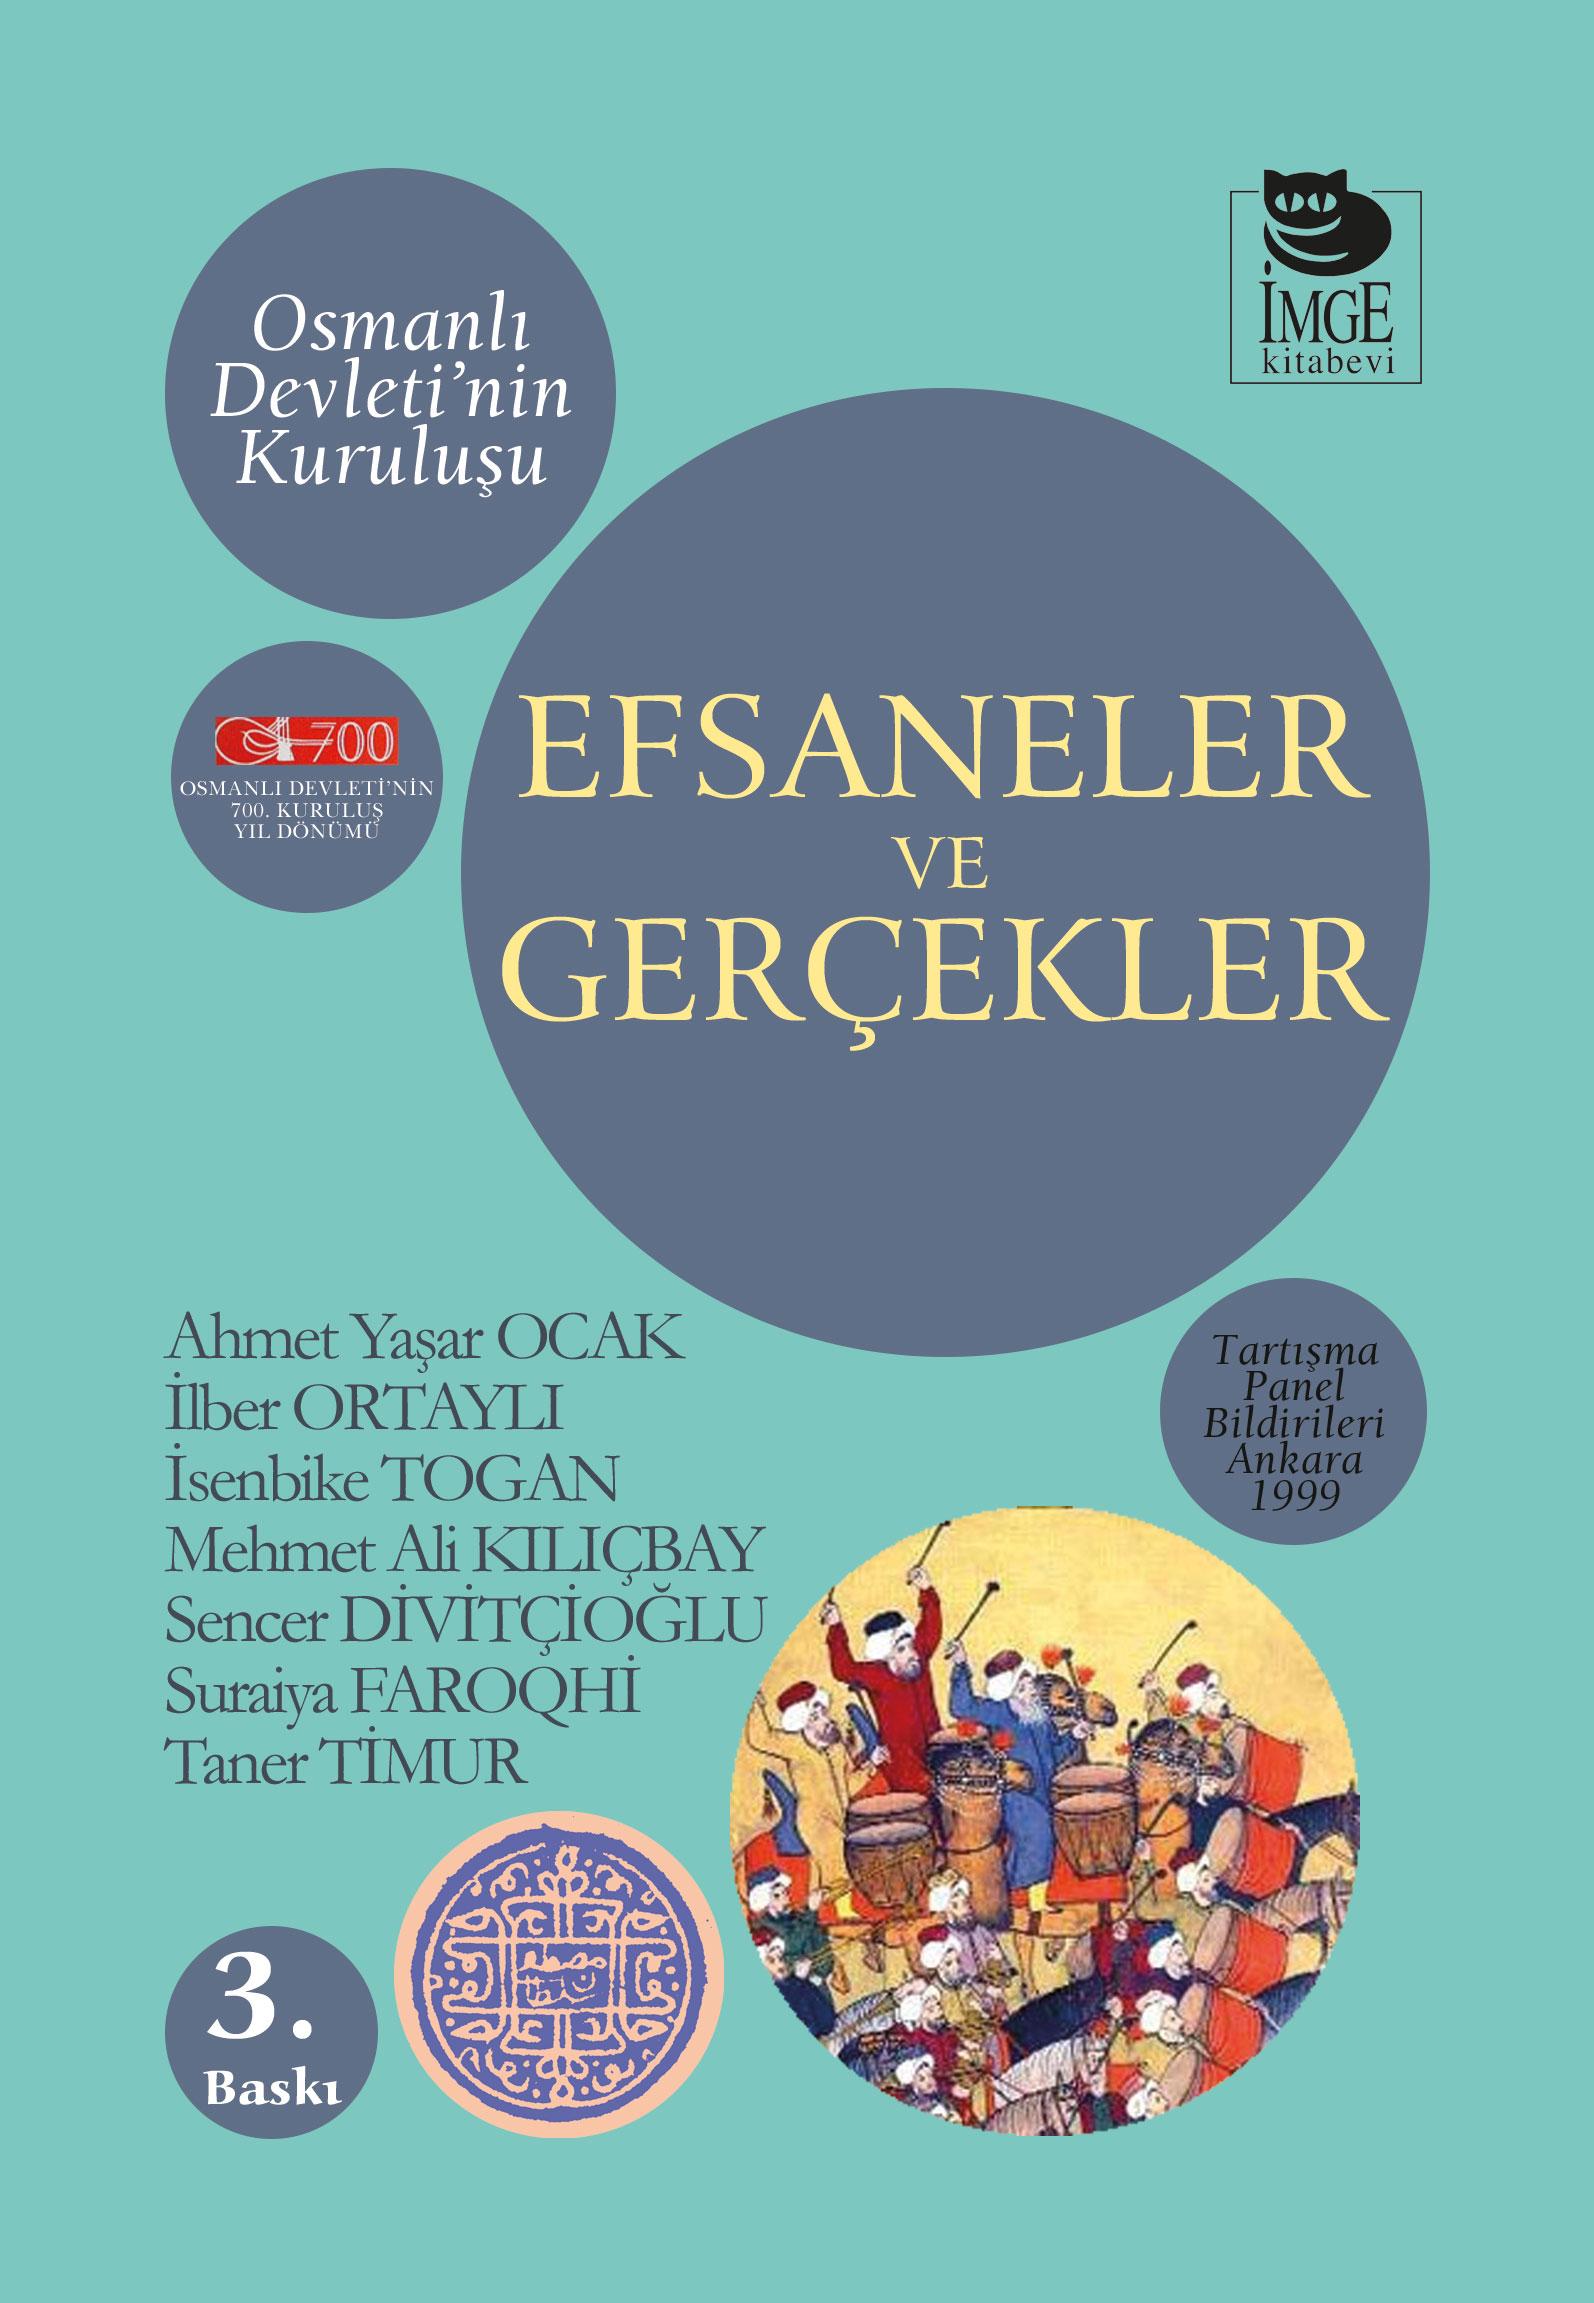 Efsaneler ve Gerçekler; Osmanlı Devleti'nin Kuruluşu